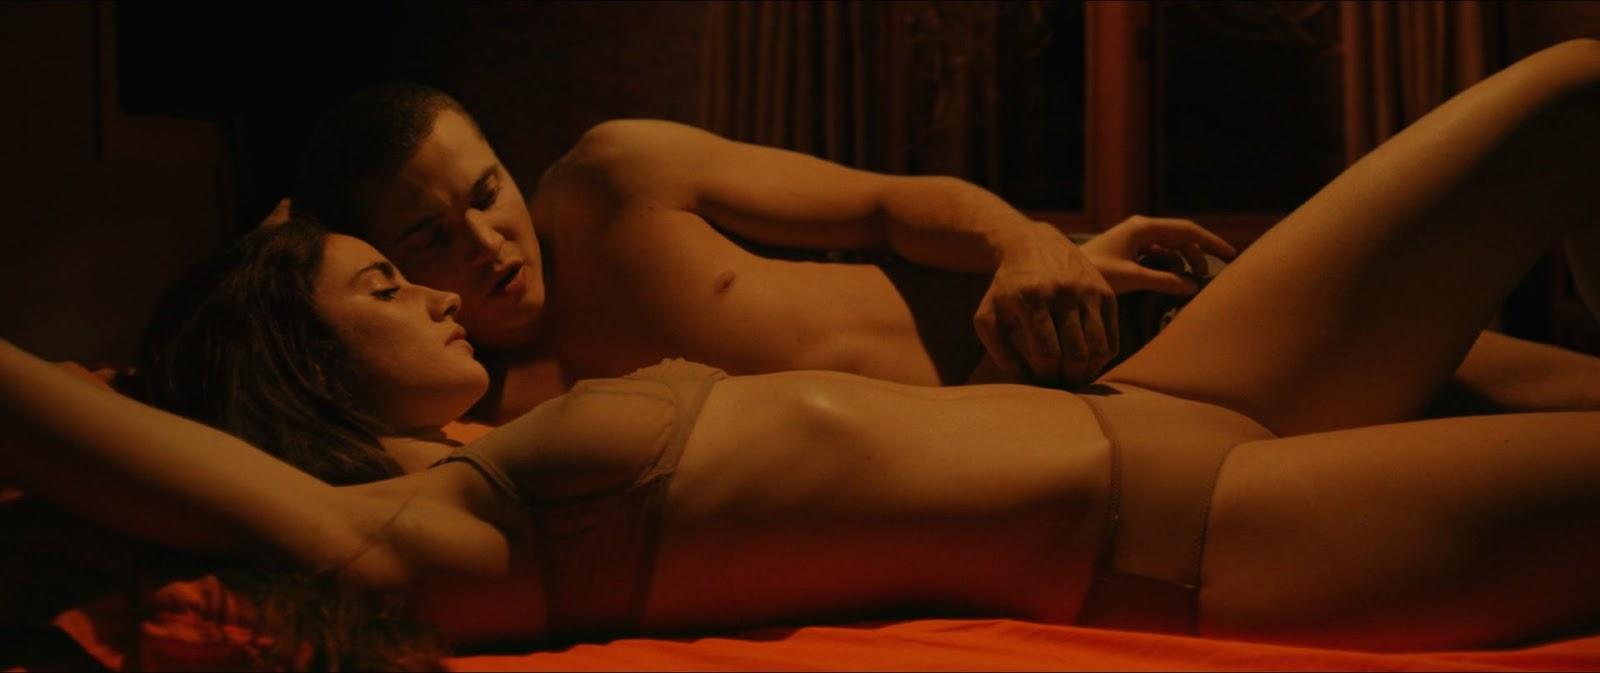 я хочу тебя эротика кино и фильм был тому моменту